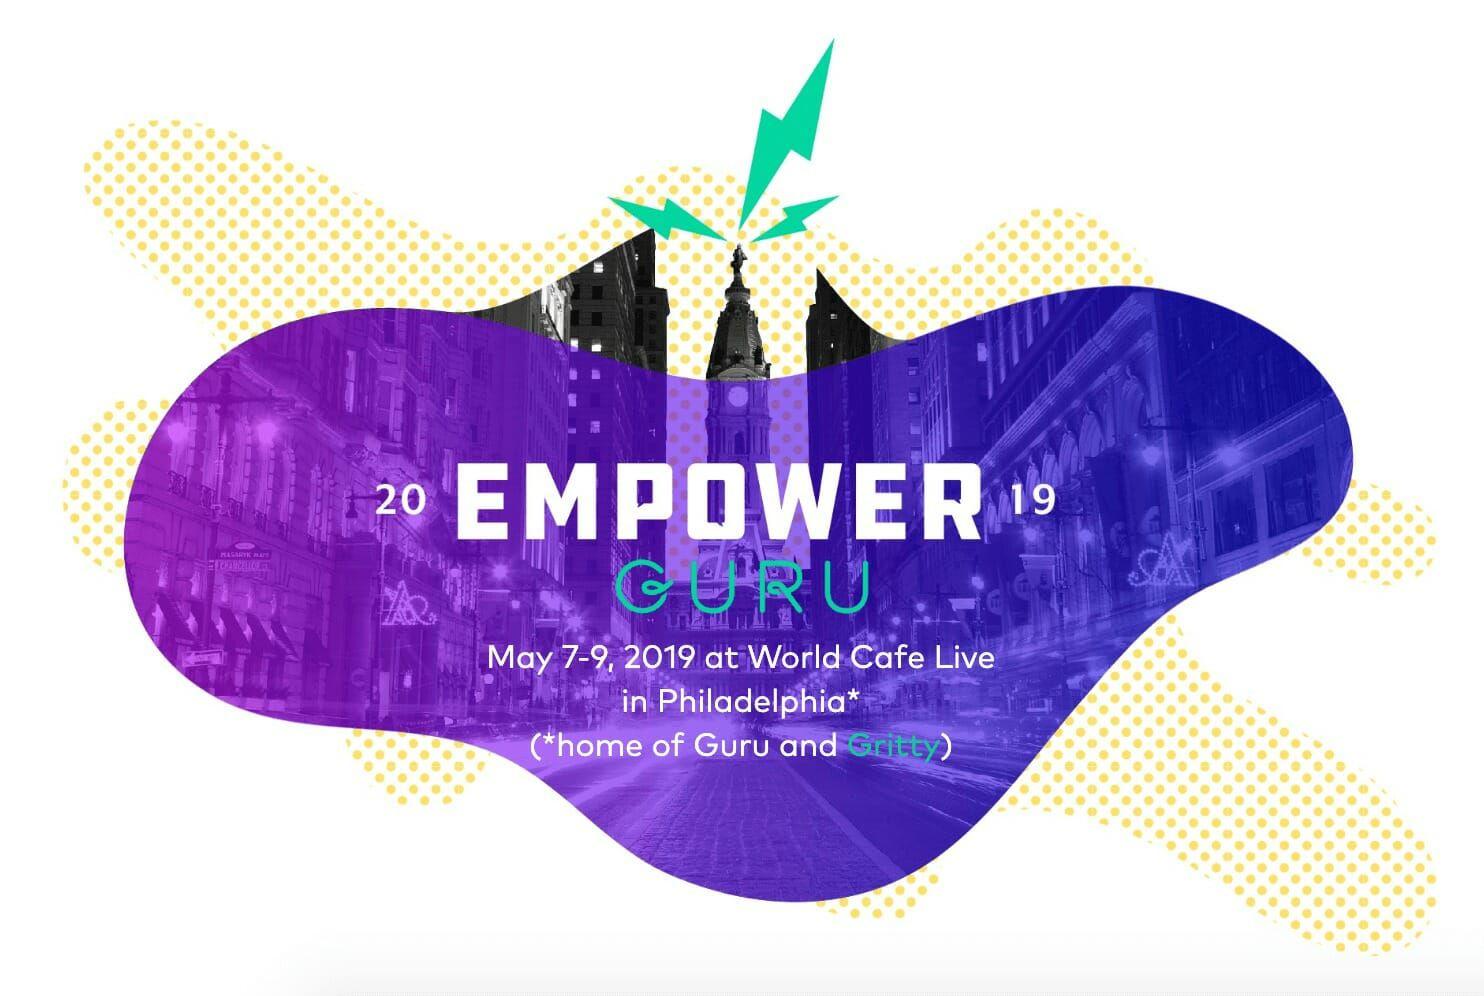 Guru Empower 2019